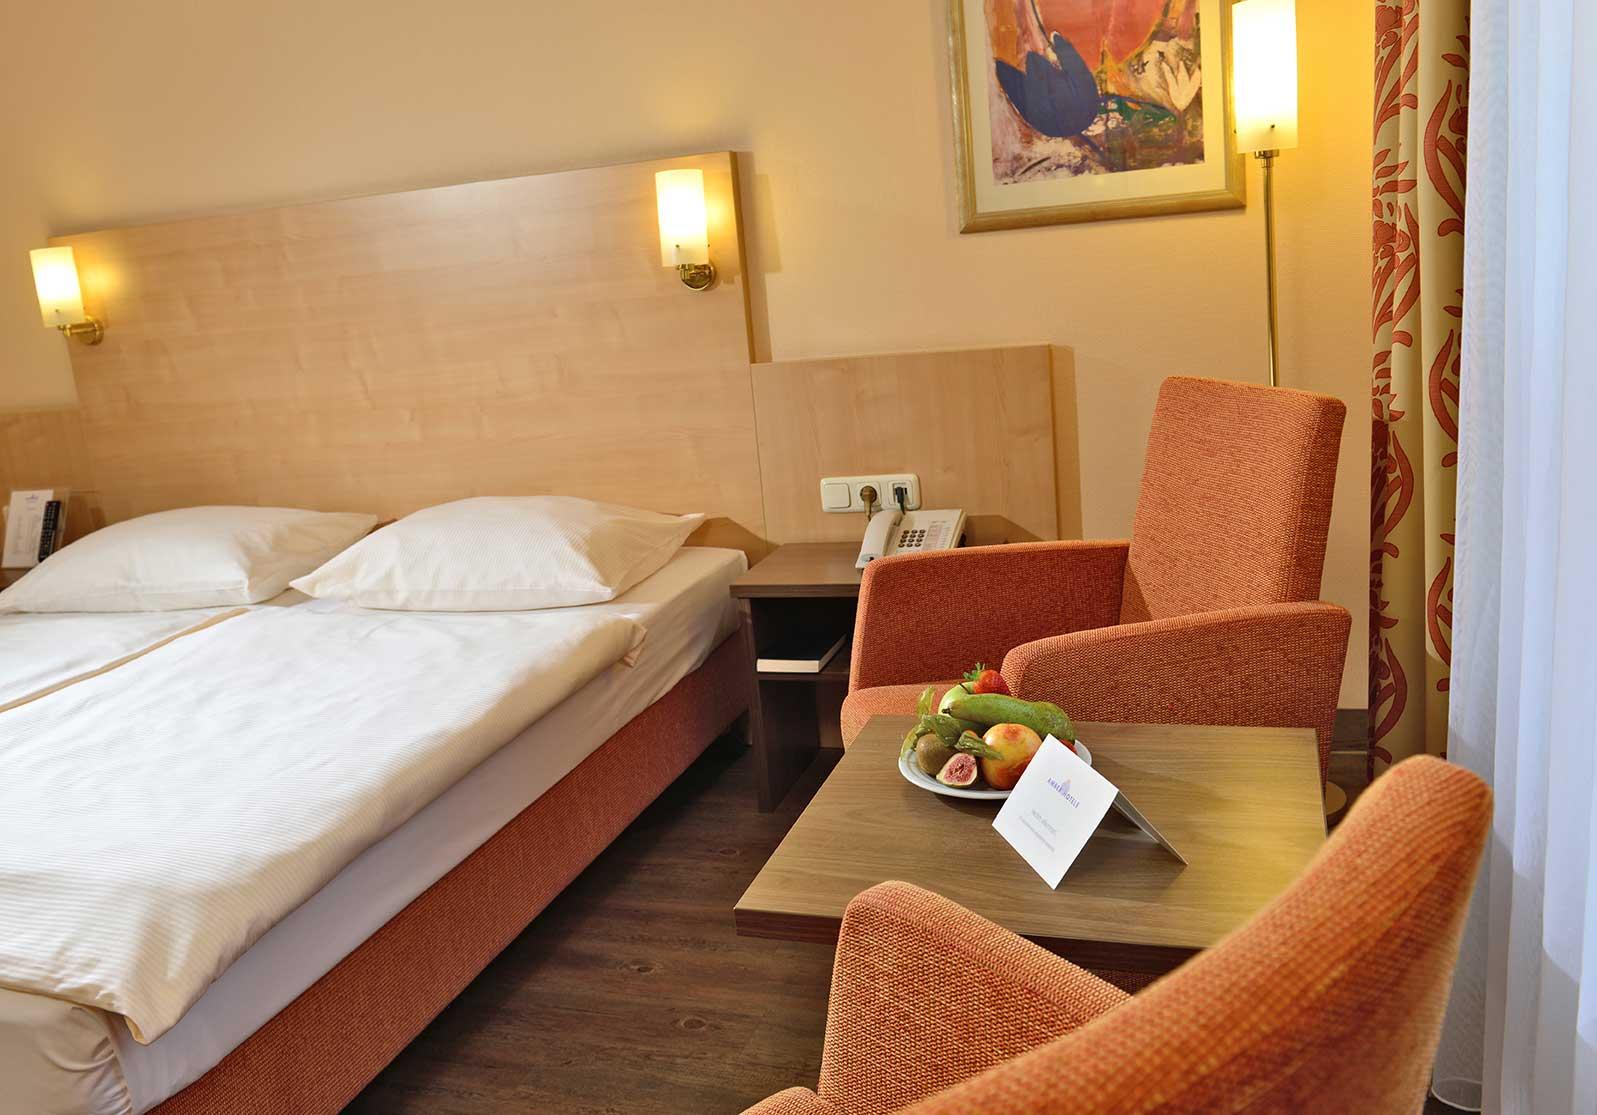 Bild vom Allergiker Zimmer im AMBER HOTEL Hilden/Düsseldorf